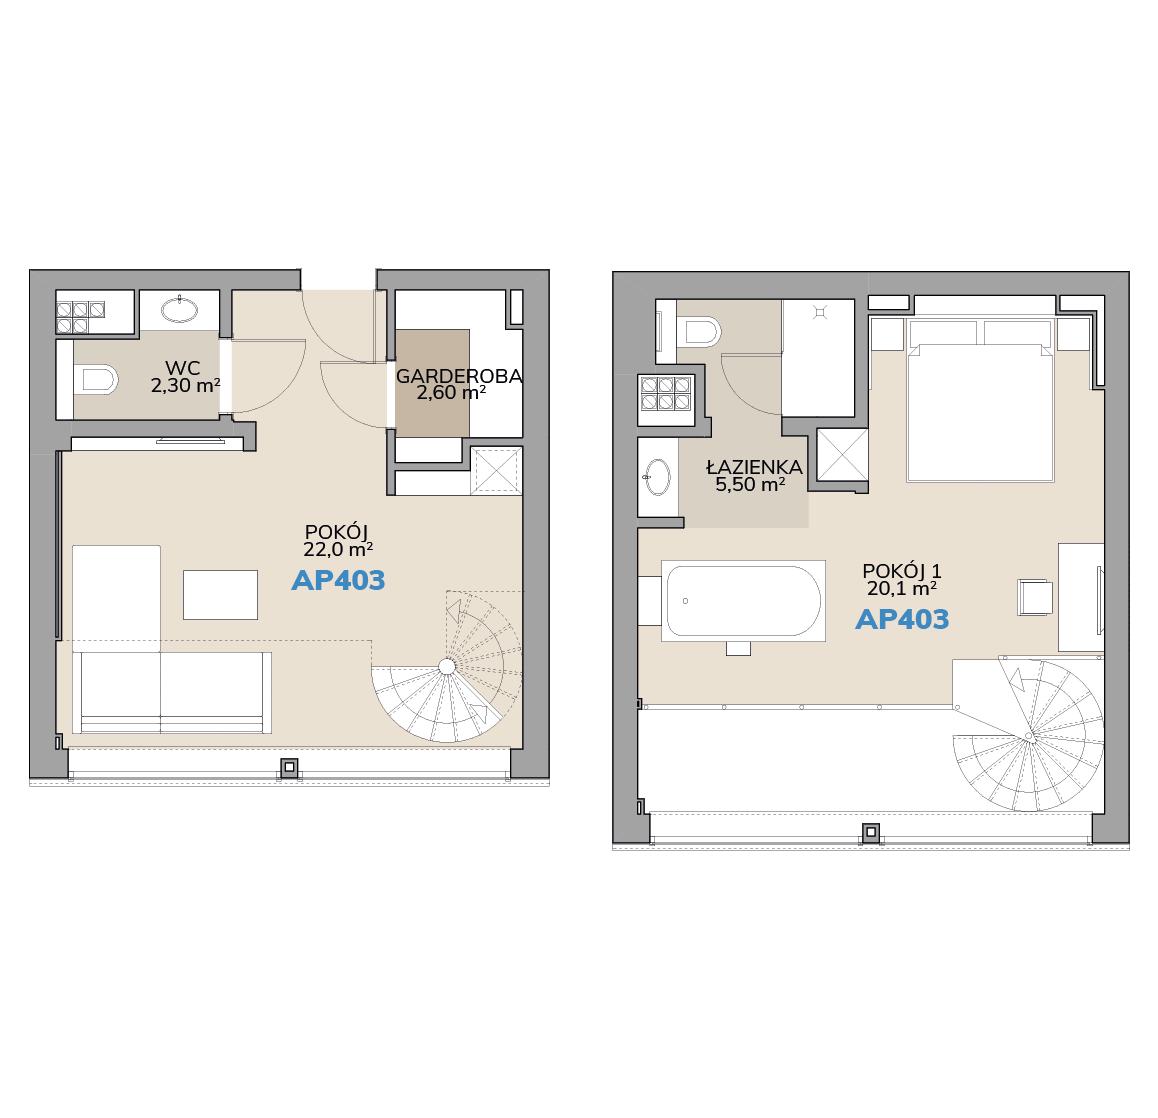 Apartament AP403